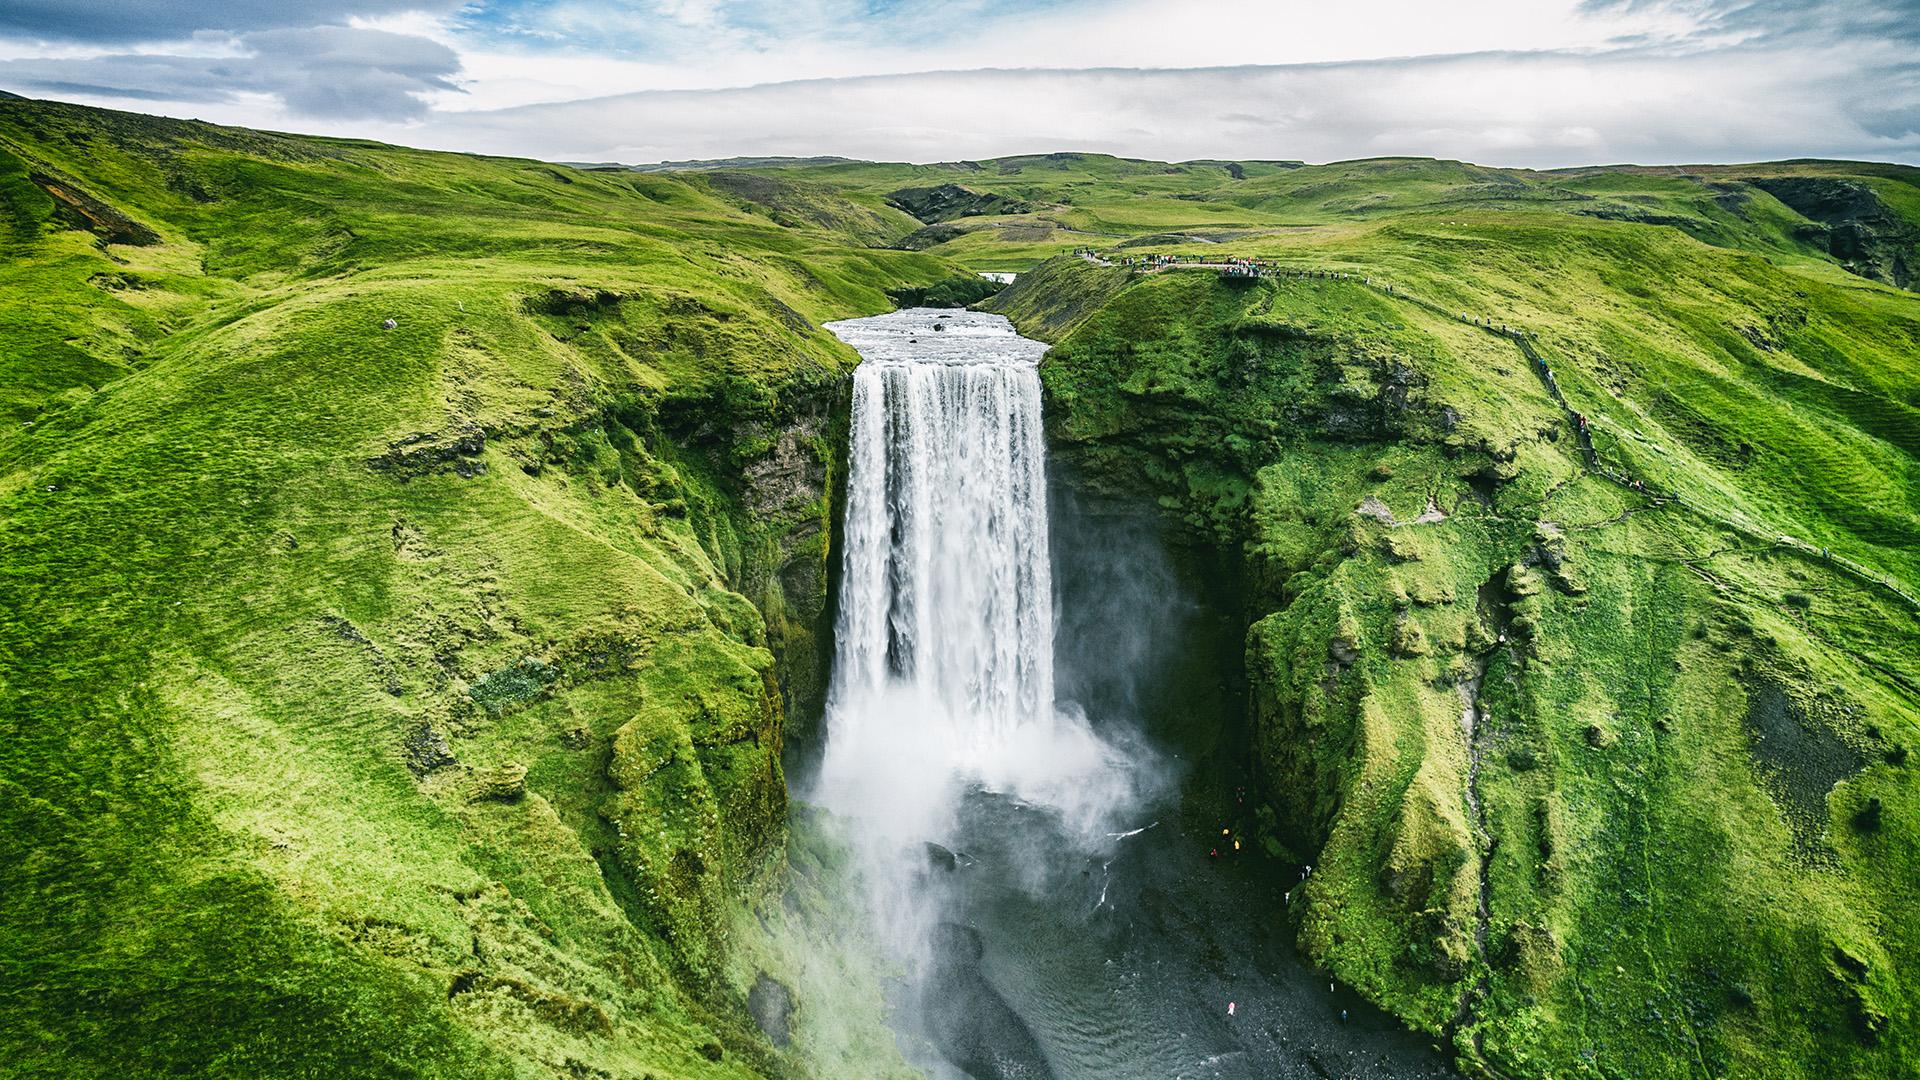 Situada en las afueras del Círculo Polar Ártico, Islandia se ha convertido en uno de los destinos turísticos más atractivos del mundo. Los viajeros acuden a la isla por millones para dar testimonio de algunos de los paisajes más impresionantes del mundo